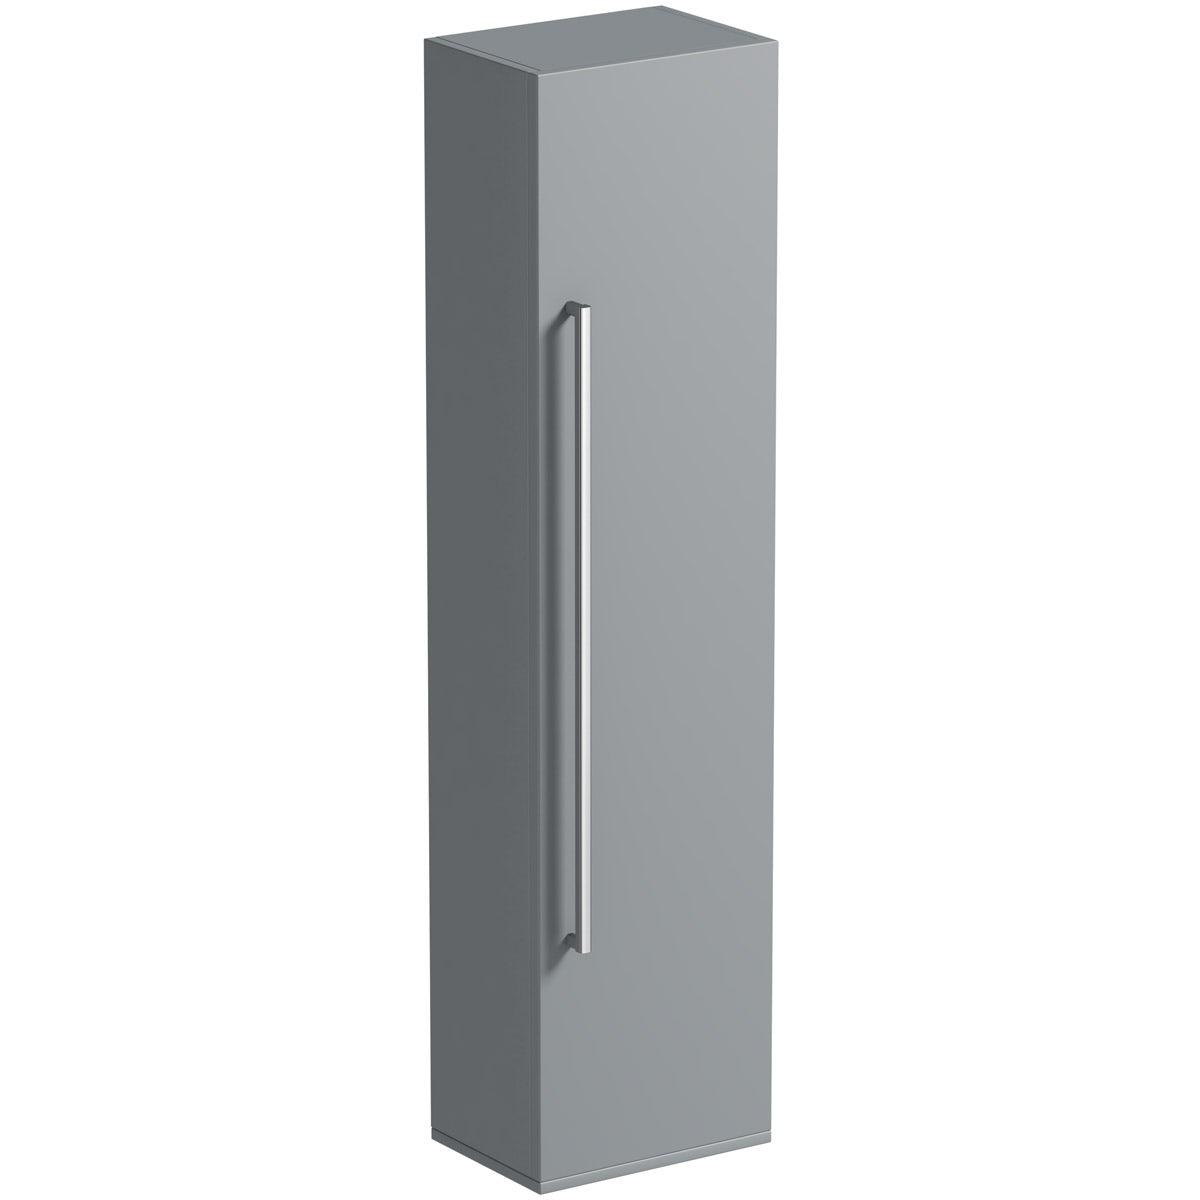 Orchard Derwent stone grey tall storage cabinet